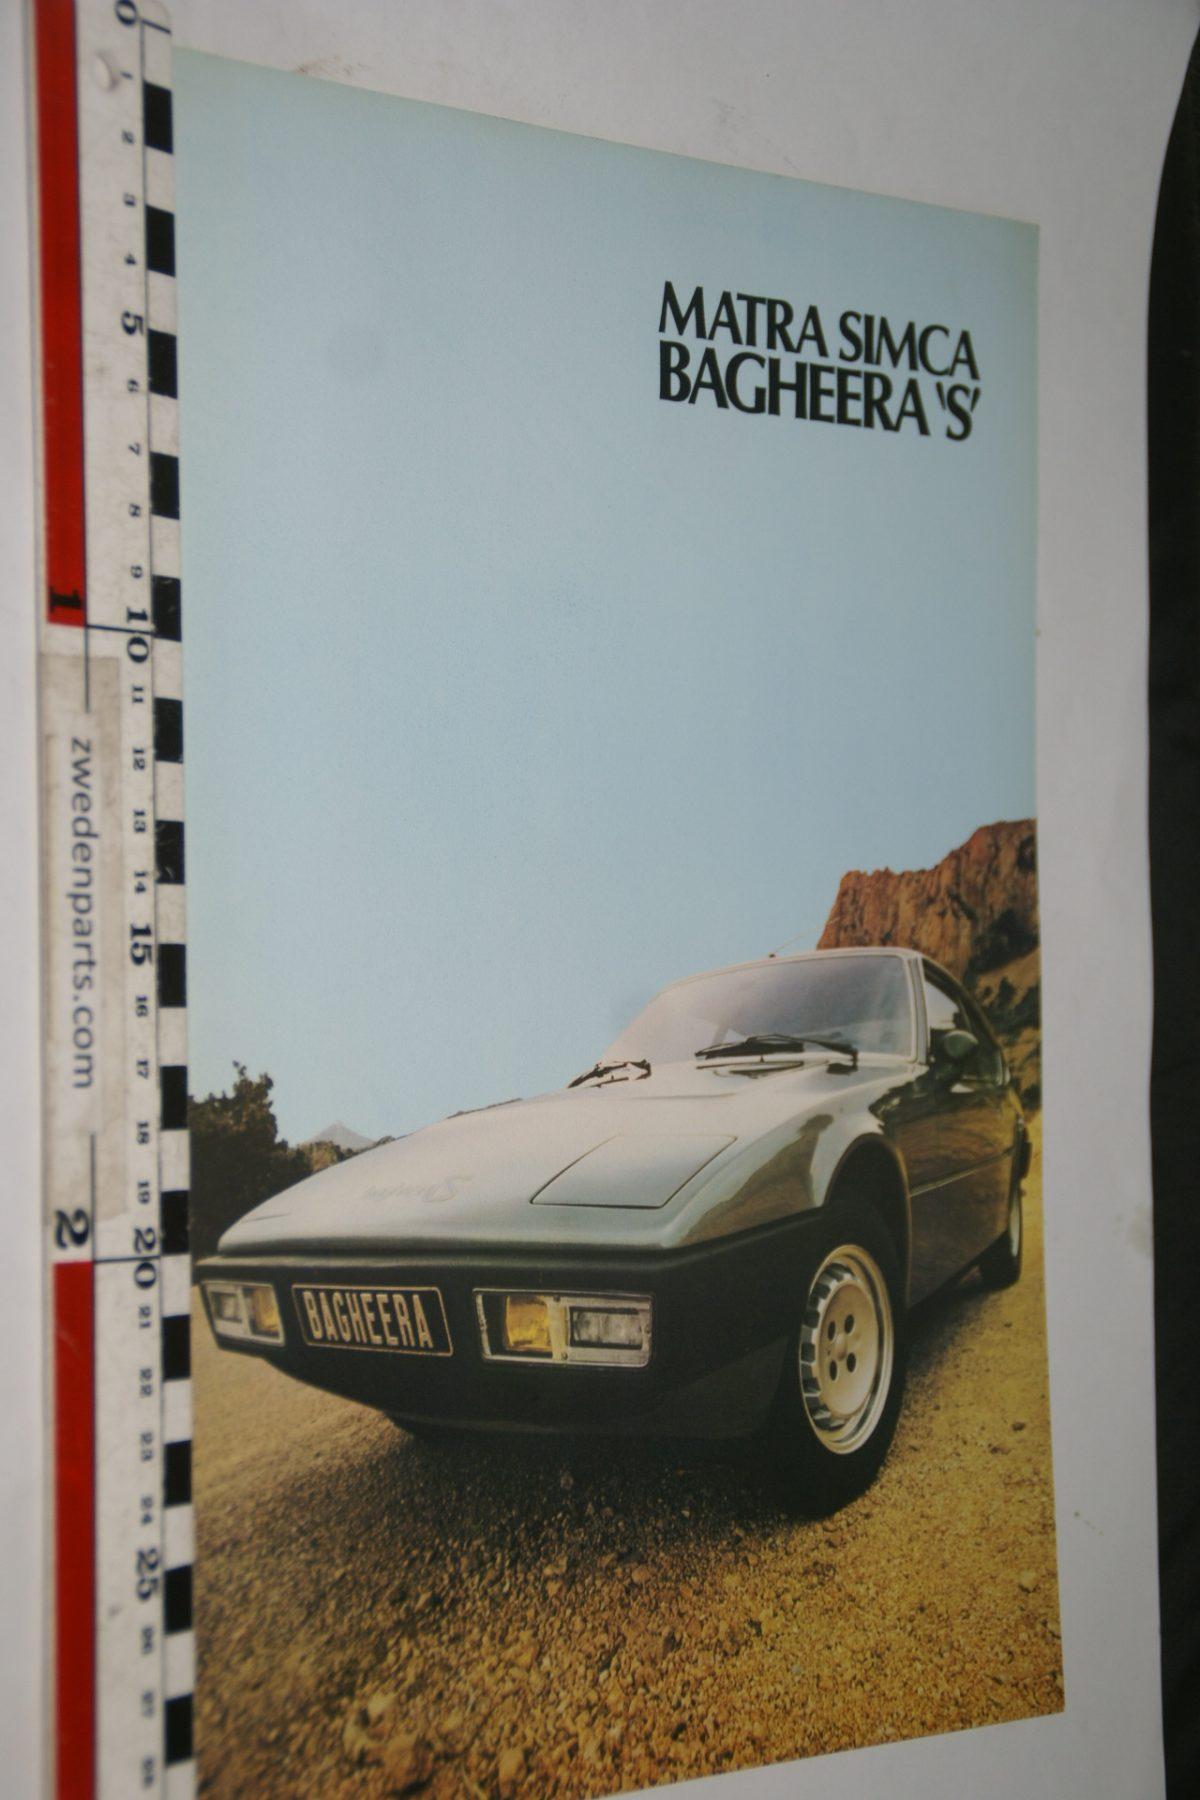 DSC04885  Matra Simca Bagheera S  brochure